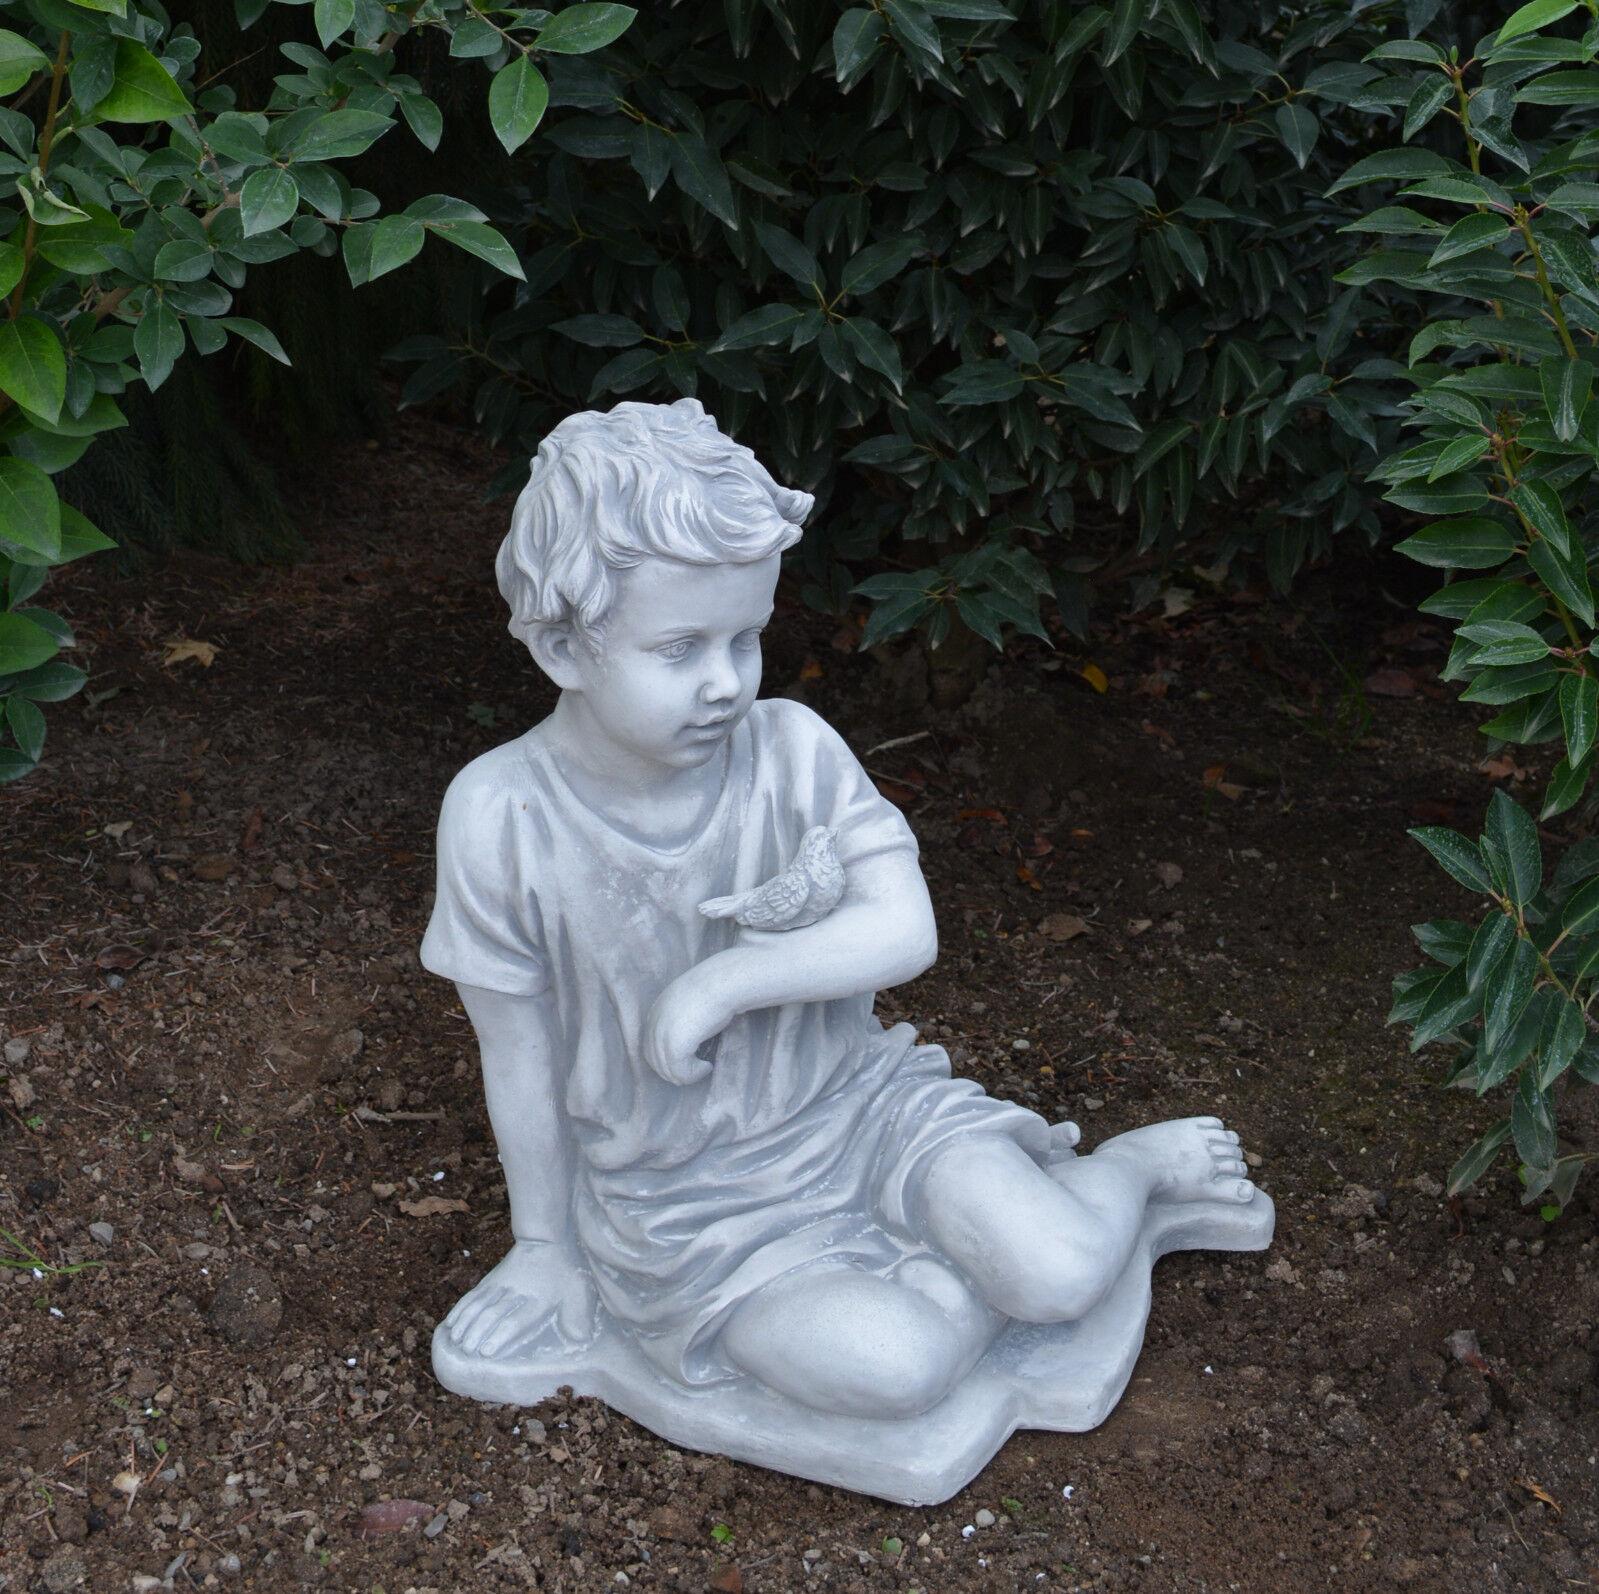 Massive piedra joven personaje con pájaro raumdeko gartendeko de piedra fundición Frost Festival